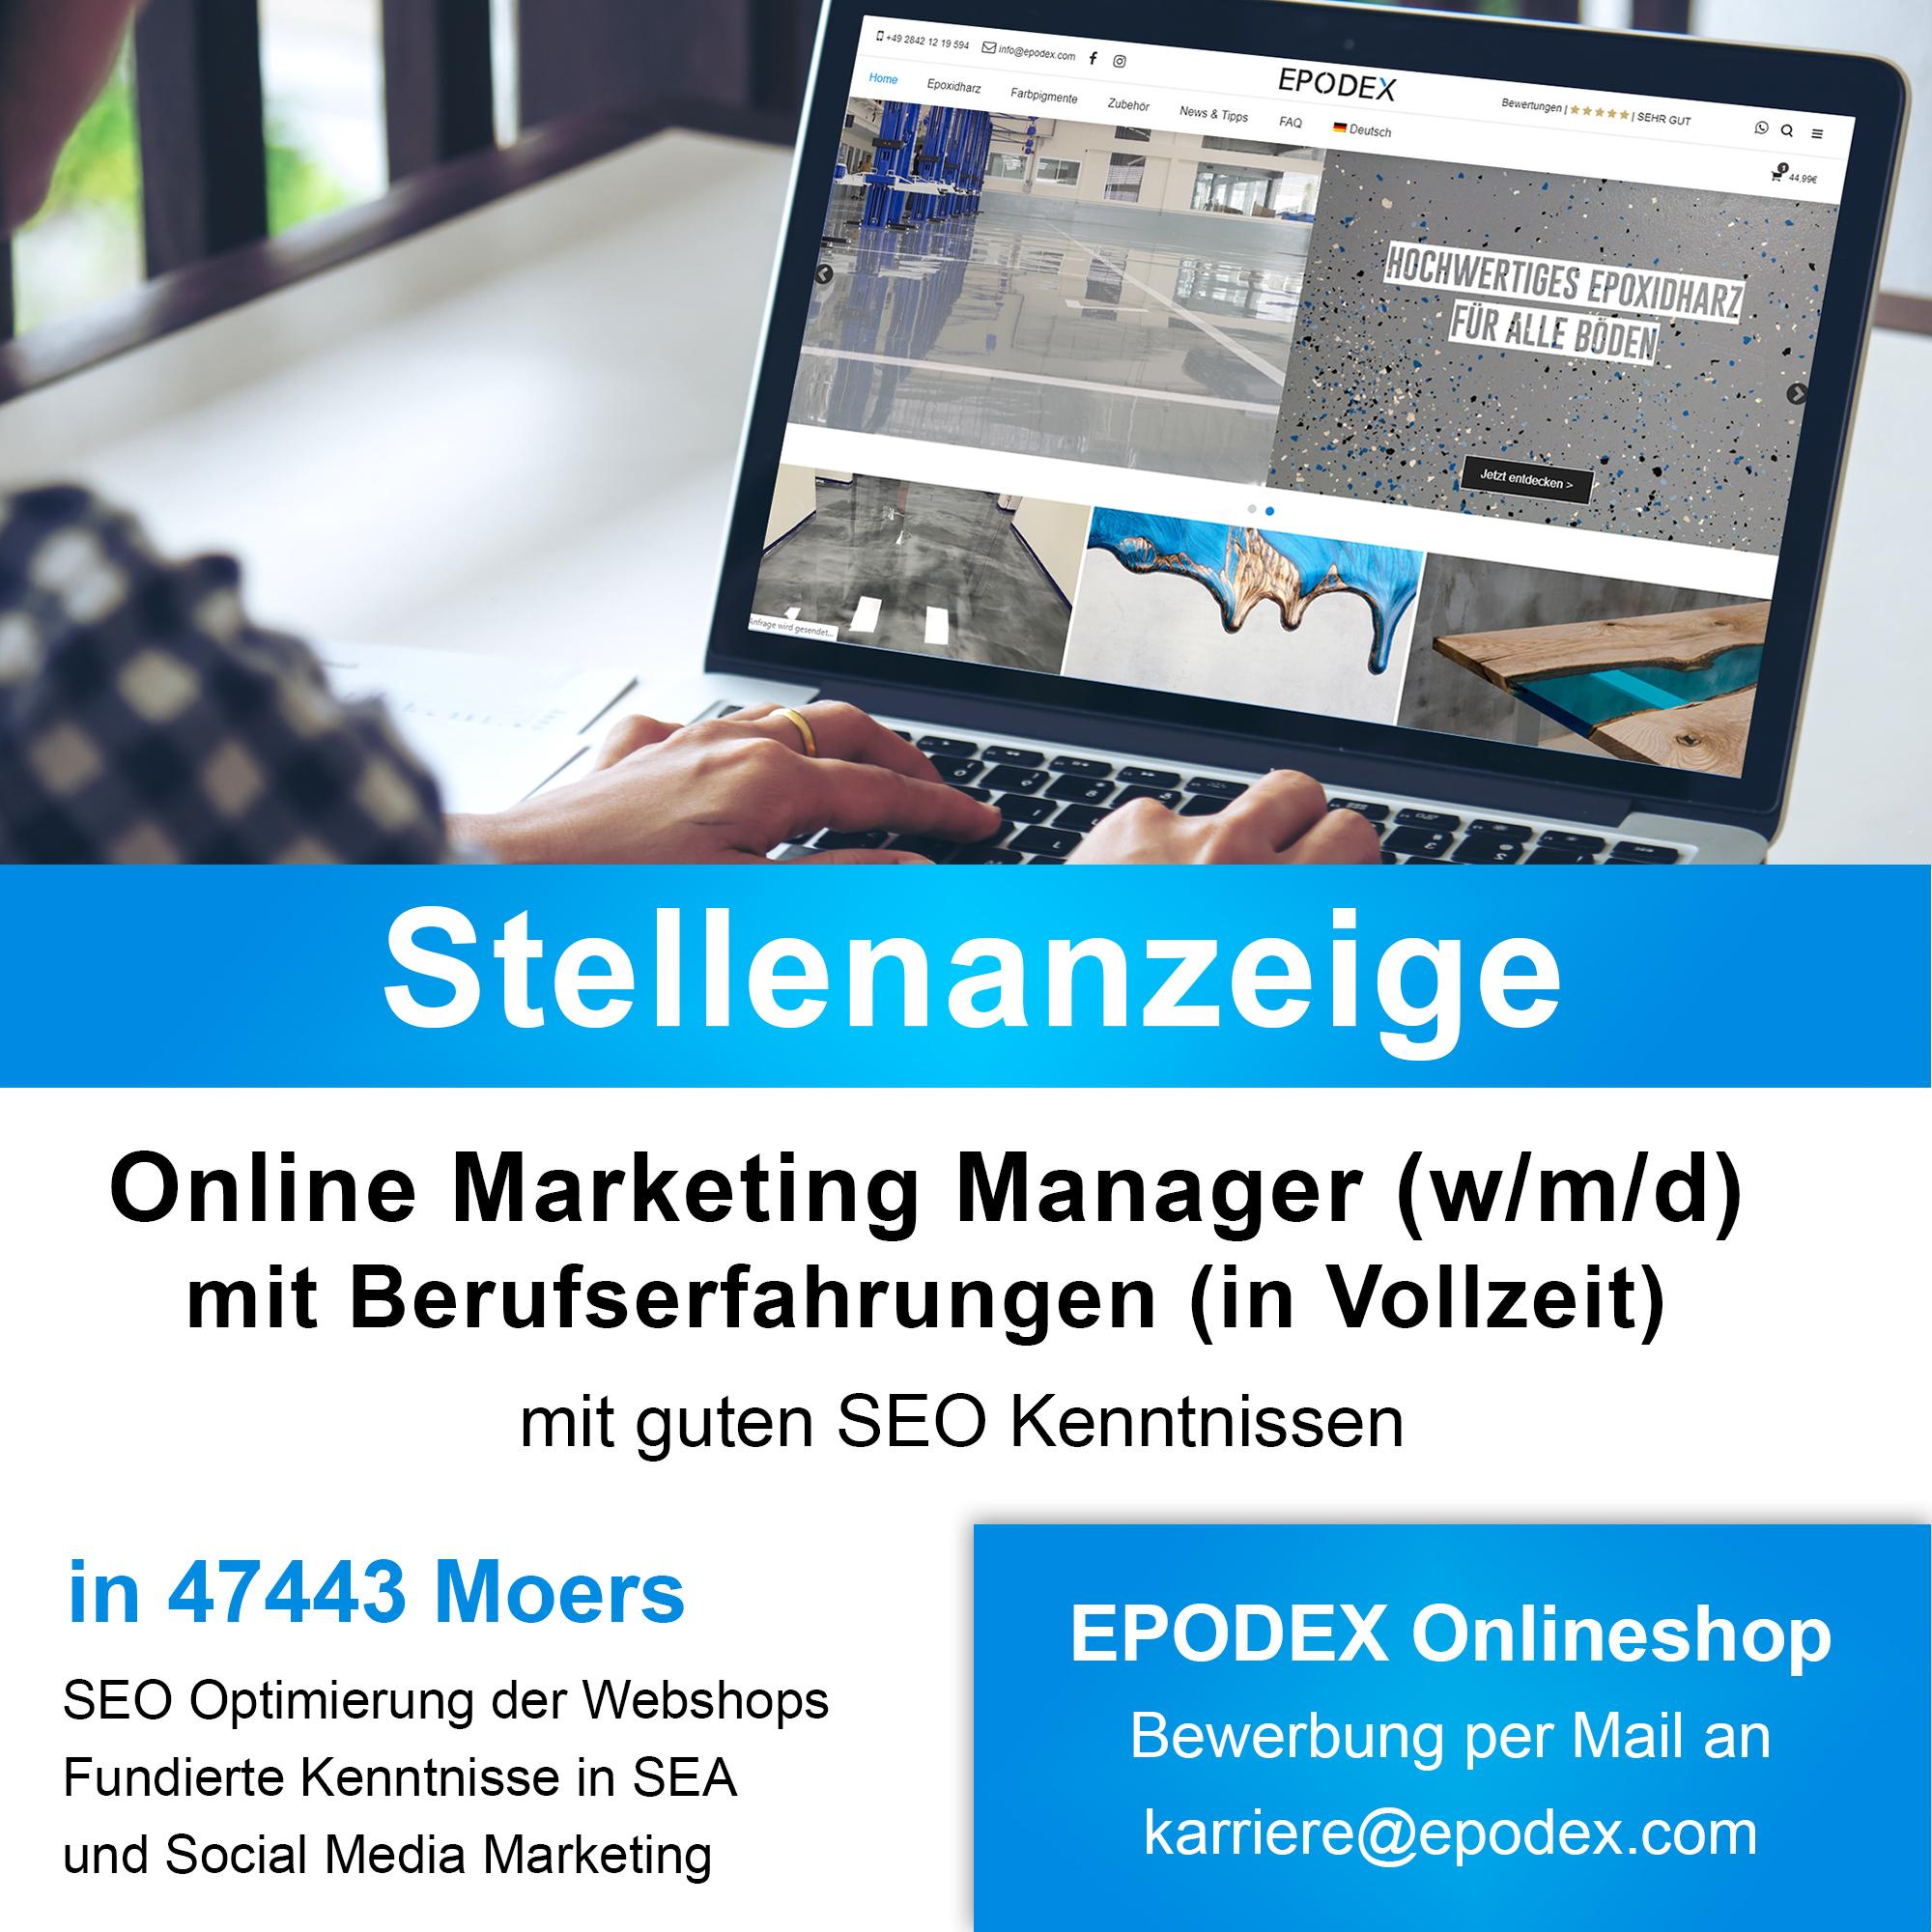 Online Marketing Manager mit SEO Kenntnissen